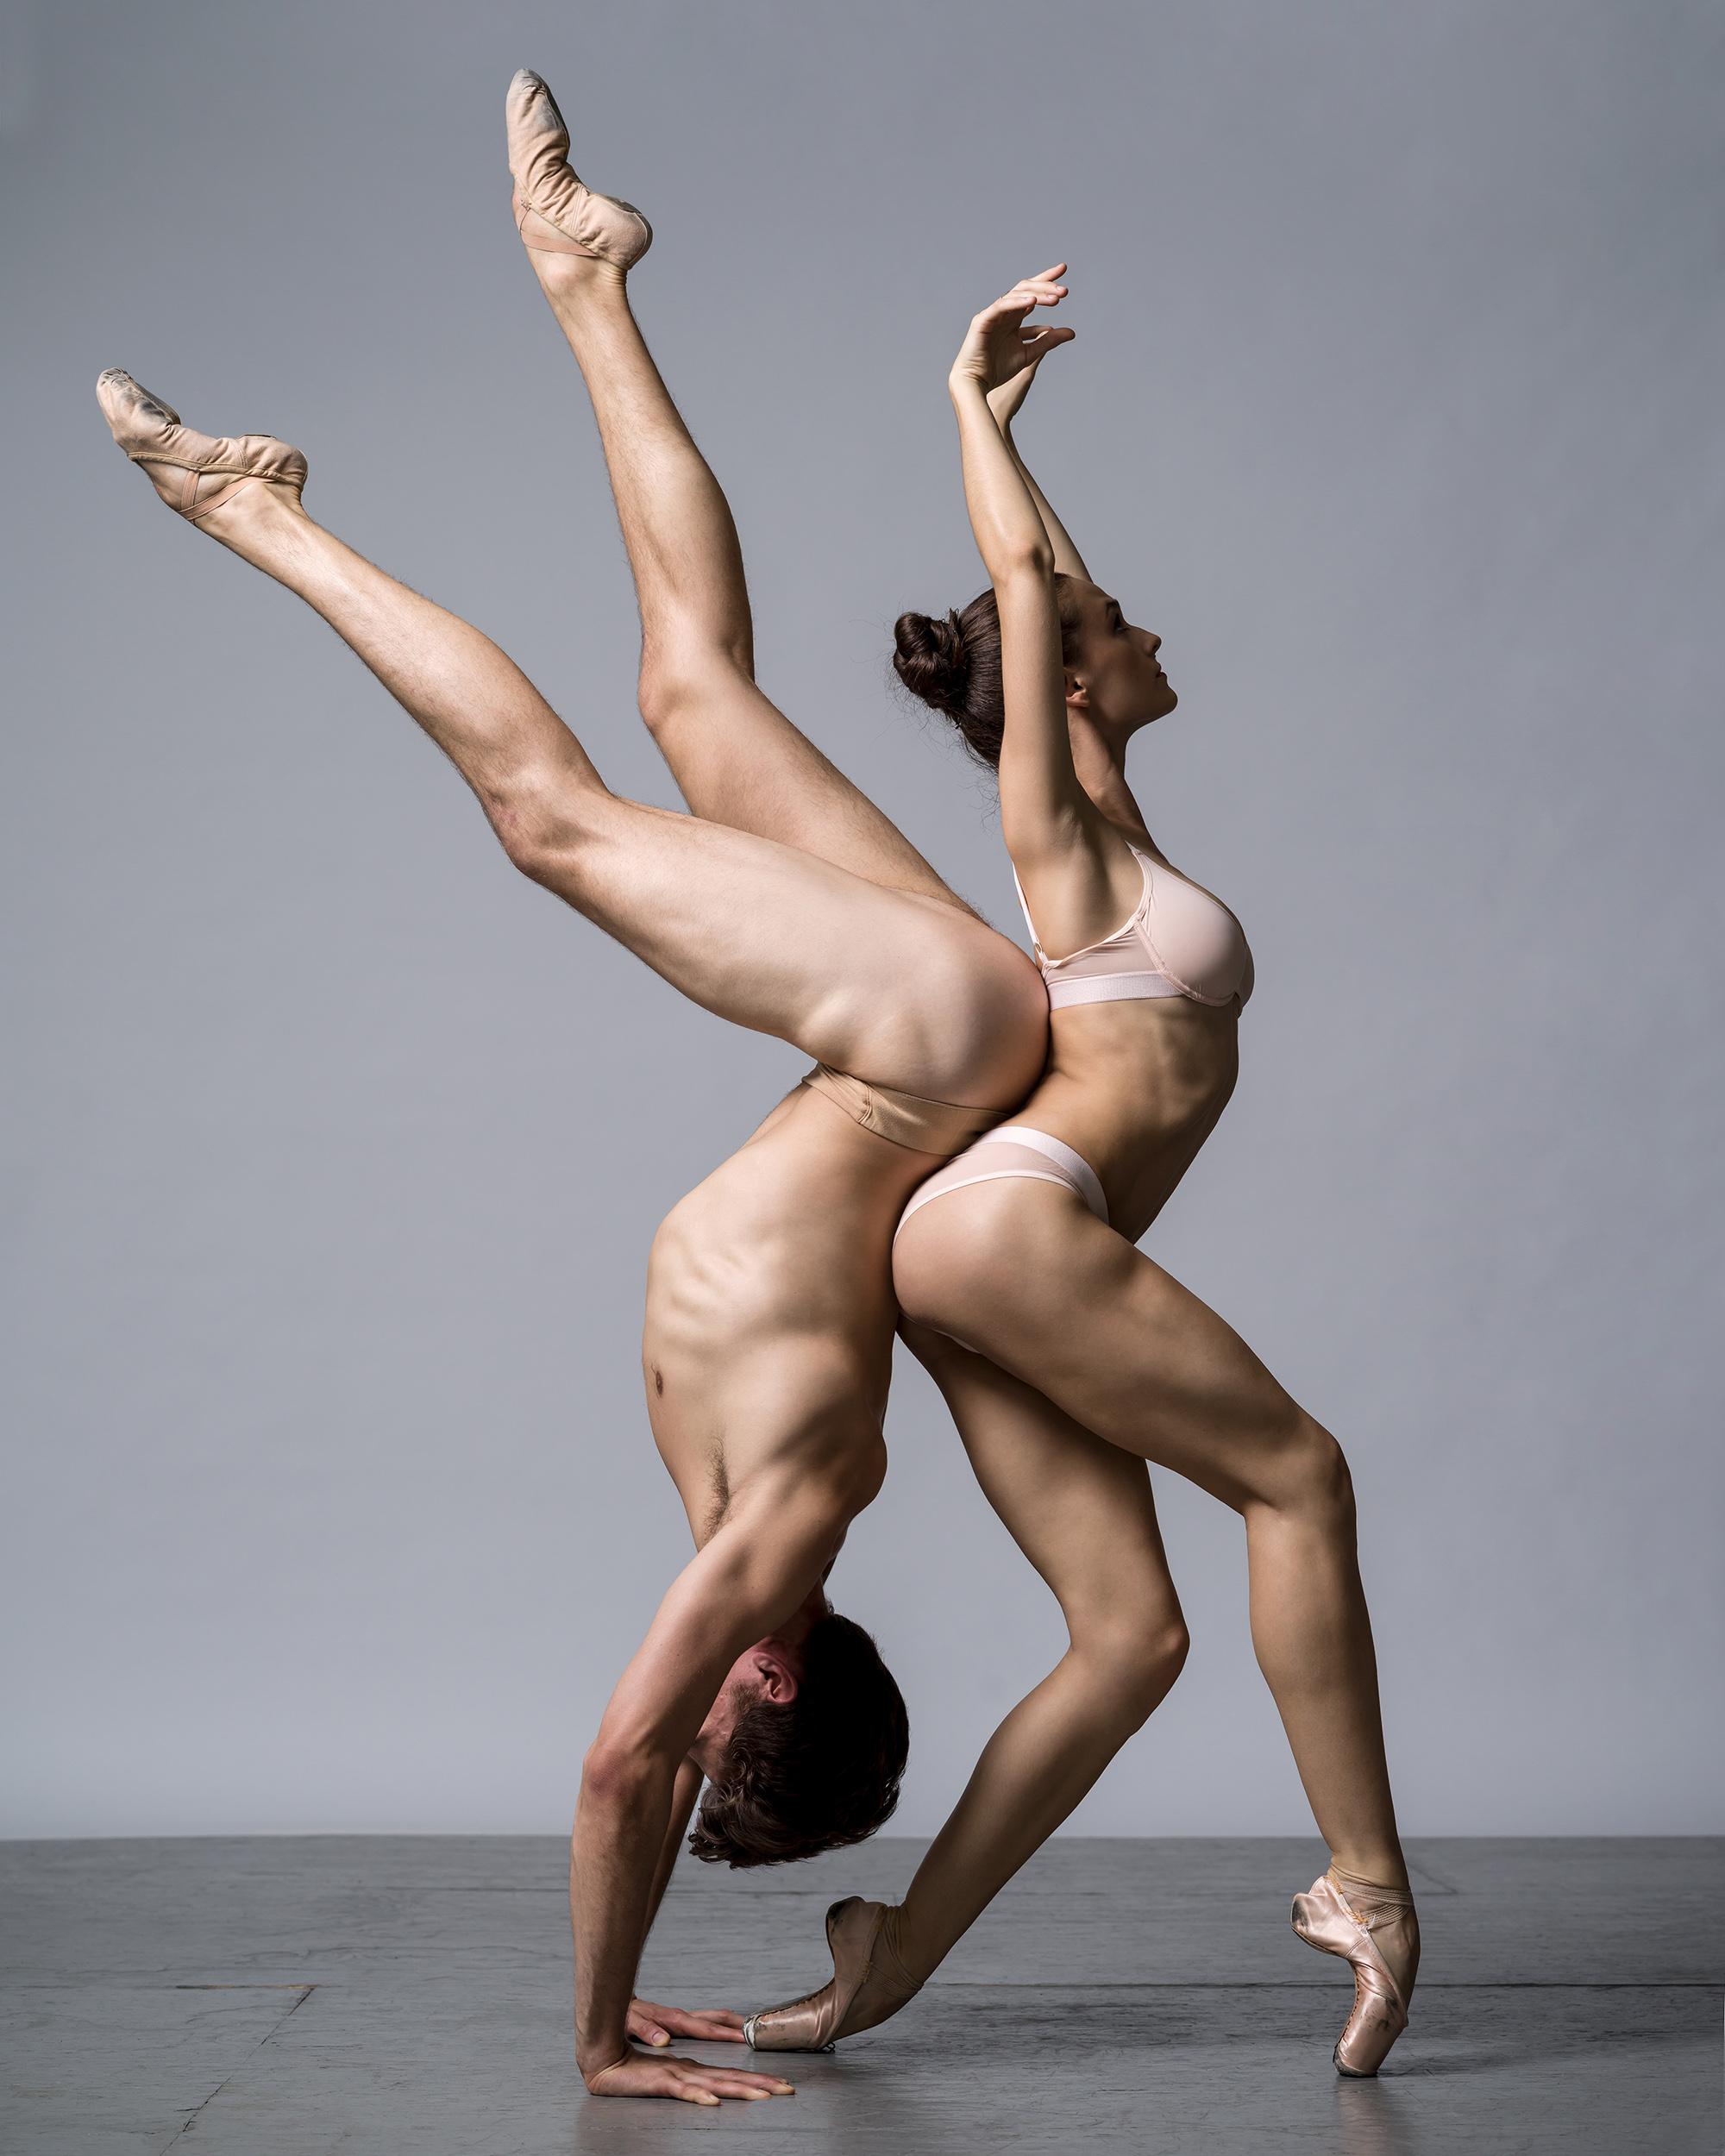 Barton & Lauren Lovette